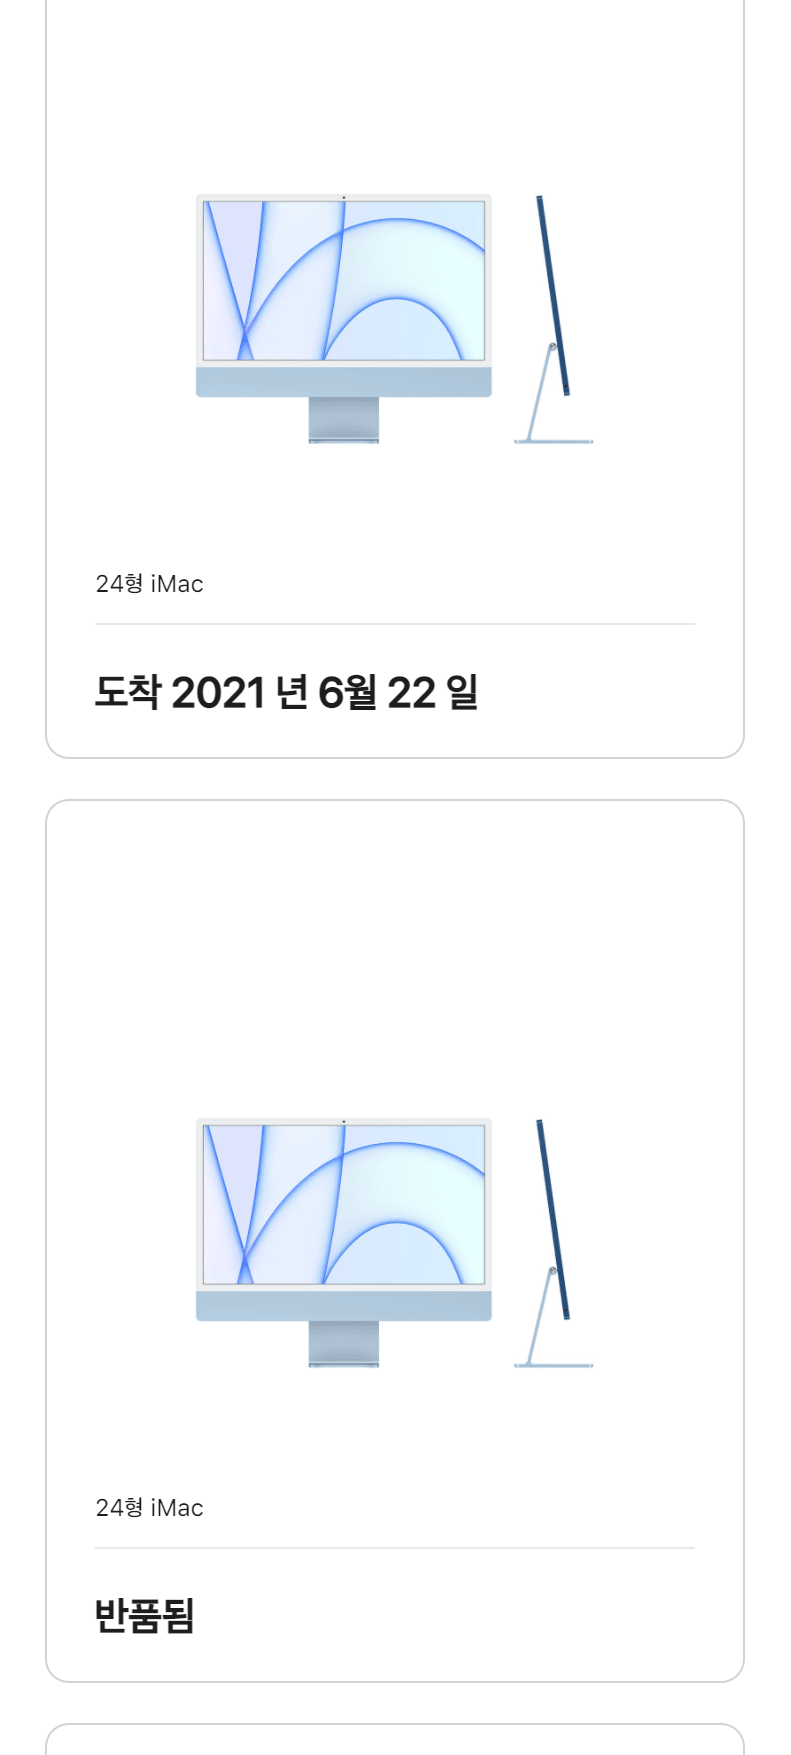 viewimage.php?id=24add122b4&no=24b0d769e1d32ca73cec8ffa11d0283137a147df66c0ff0e9ff48d5b5d7856dc4f628c6f0e9fdc3560d73a61a36cef90556380e663b5c7b8d3504a57b30722c501